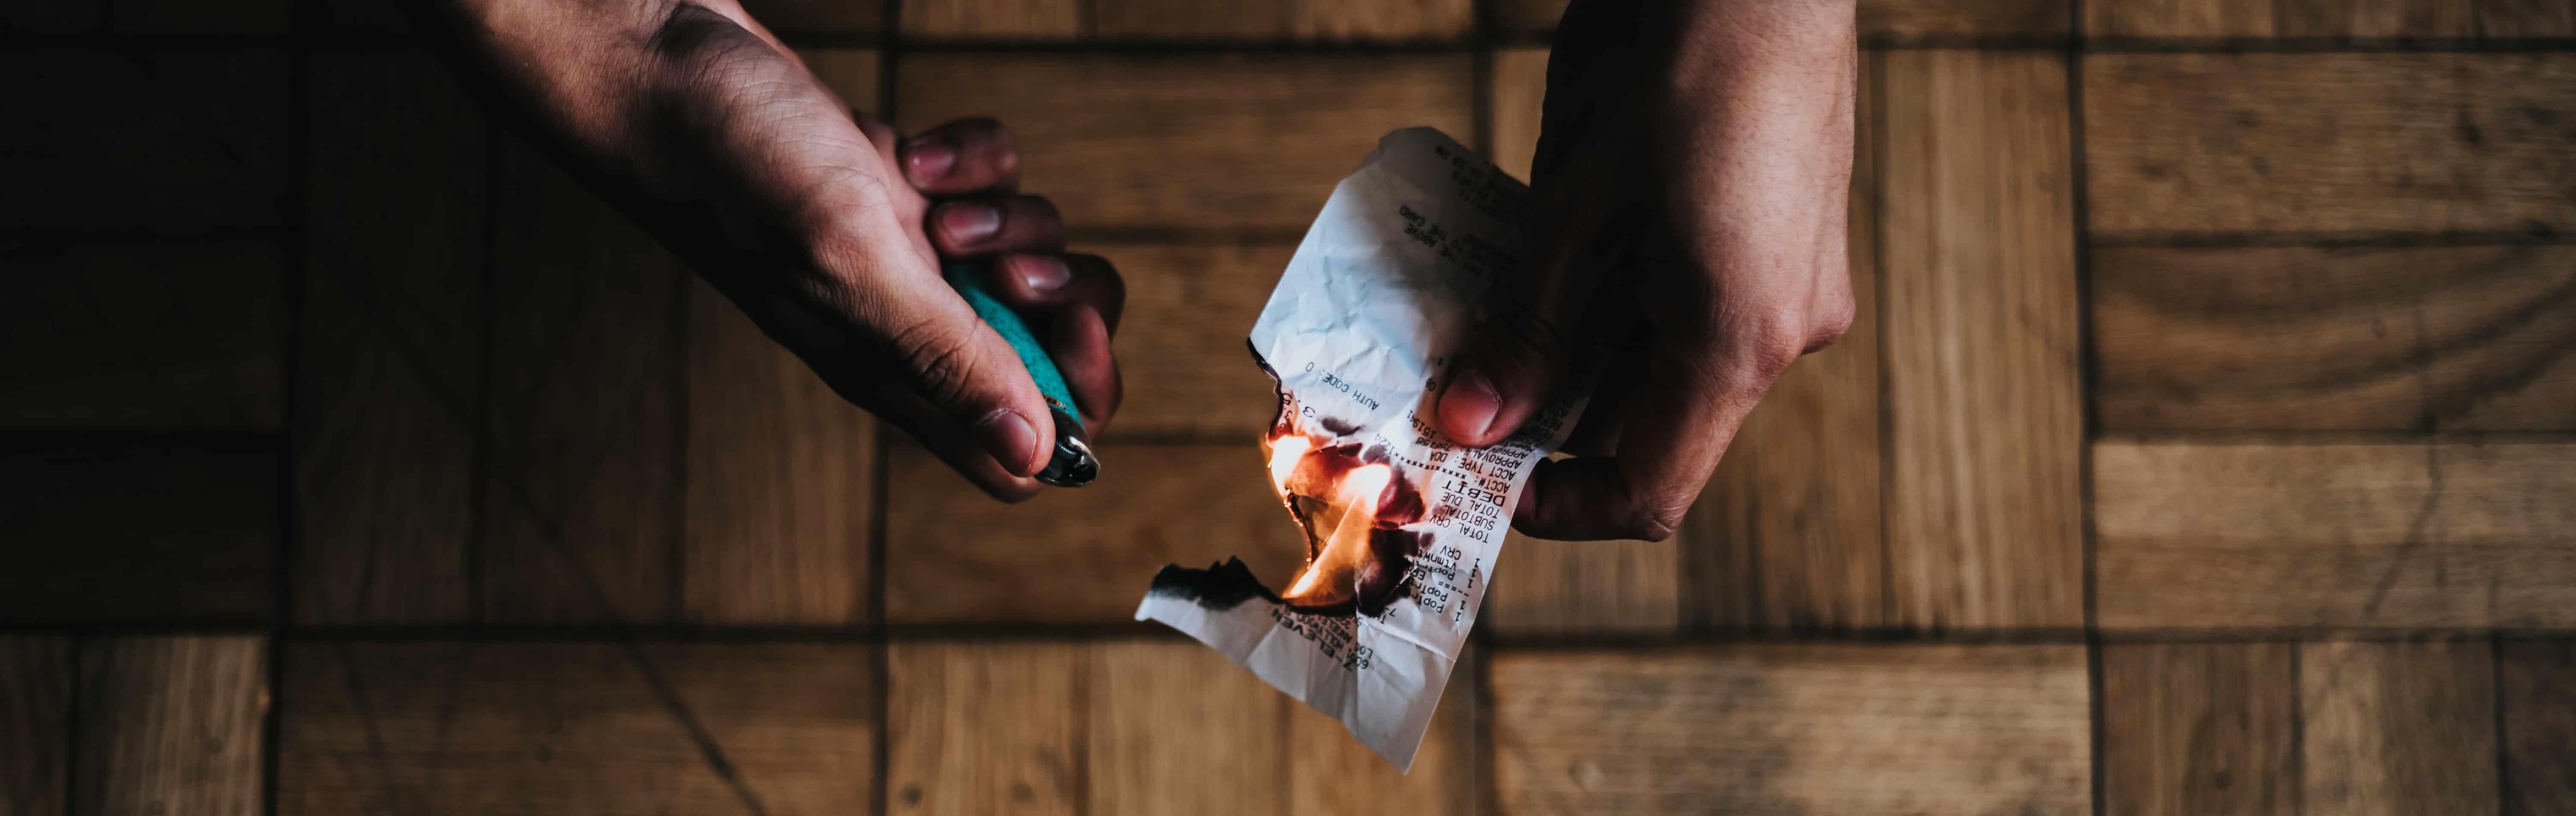 Brennendes Papier DSGVO